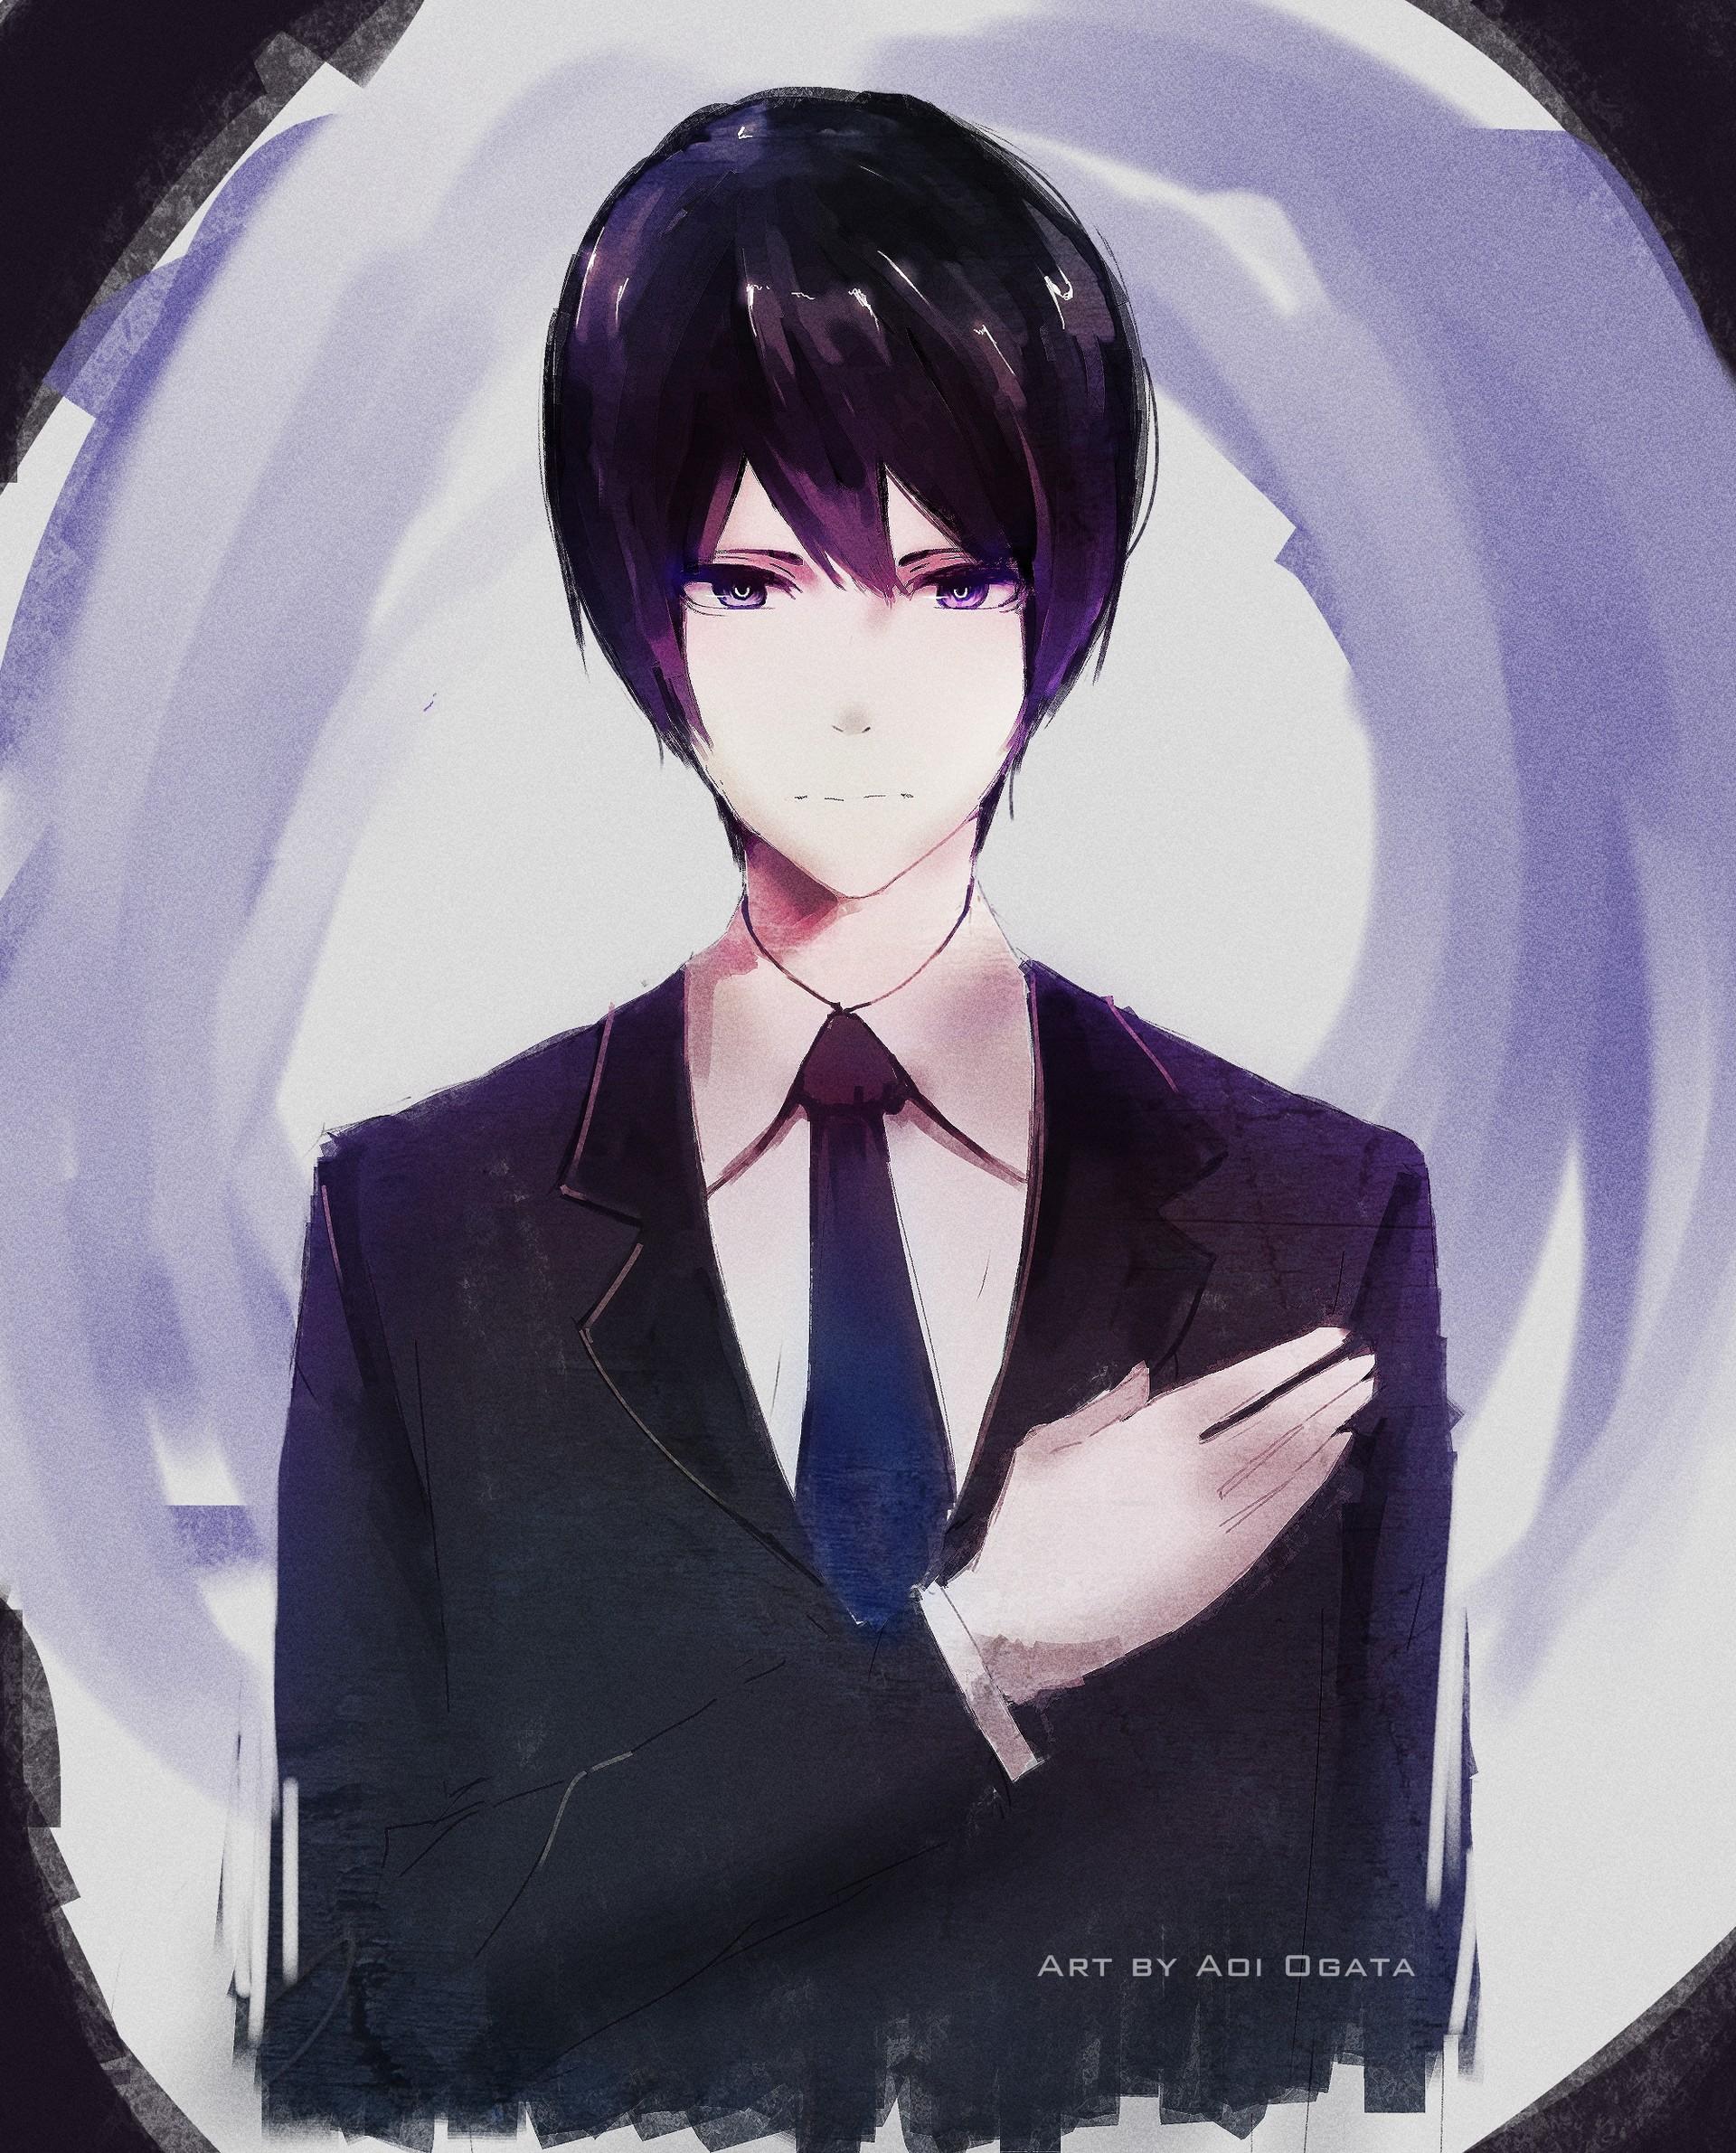 Aoi ogata suit